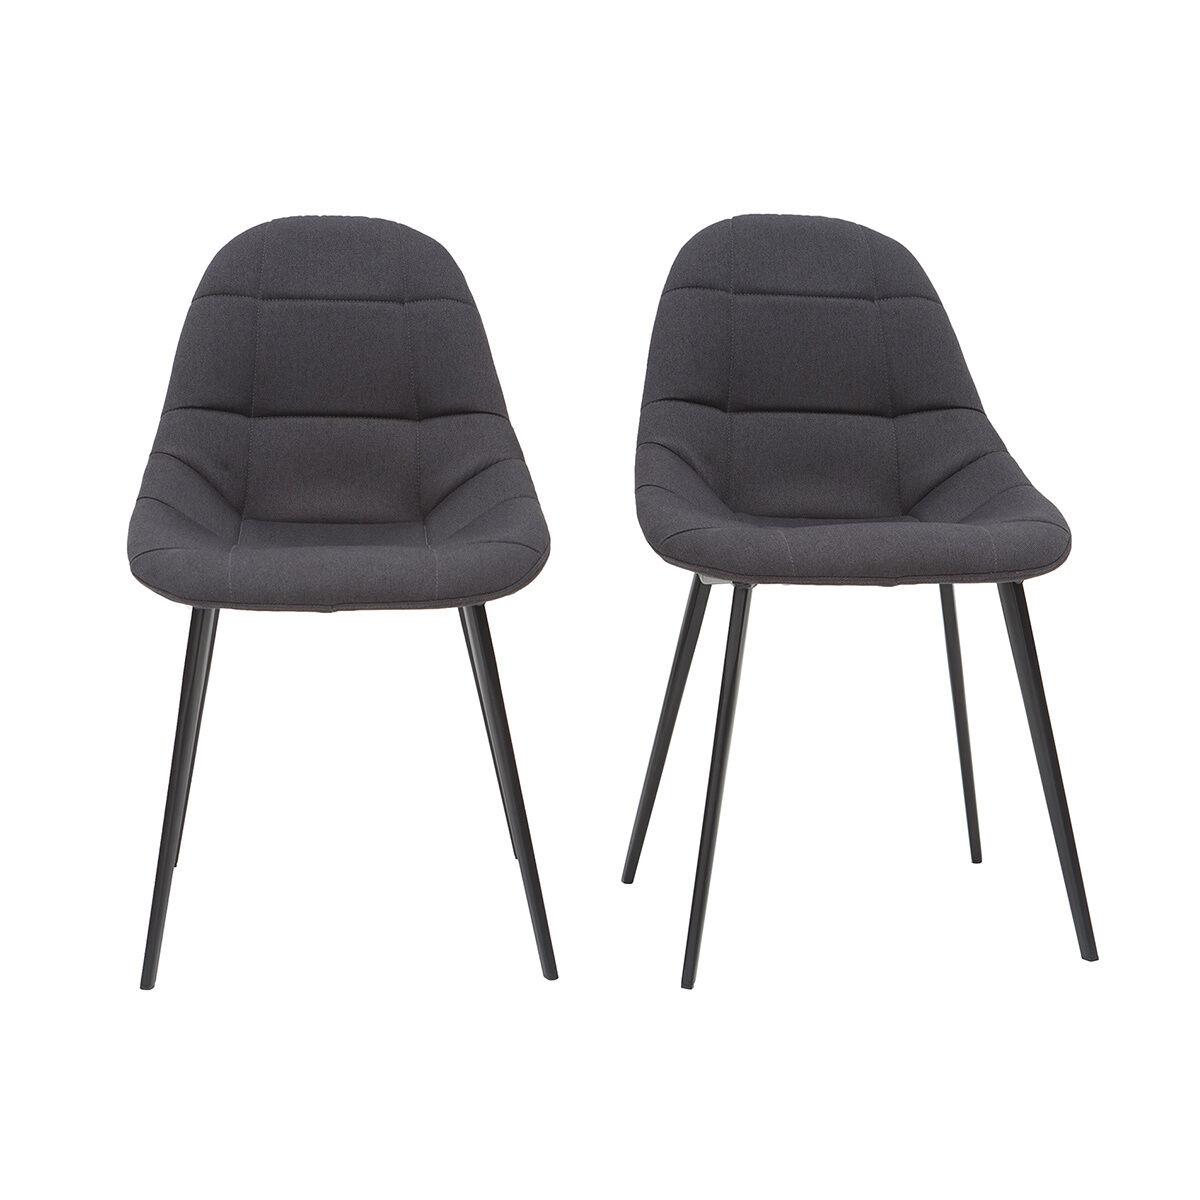 Miliboo Sedie di design in tessuto grigio scuro e metallo (set di 2) COX